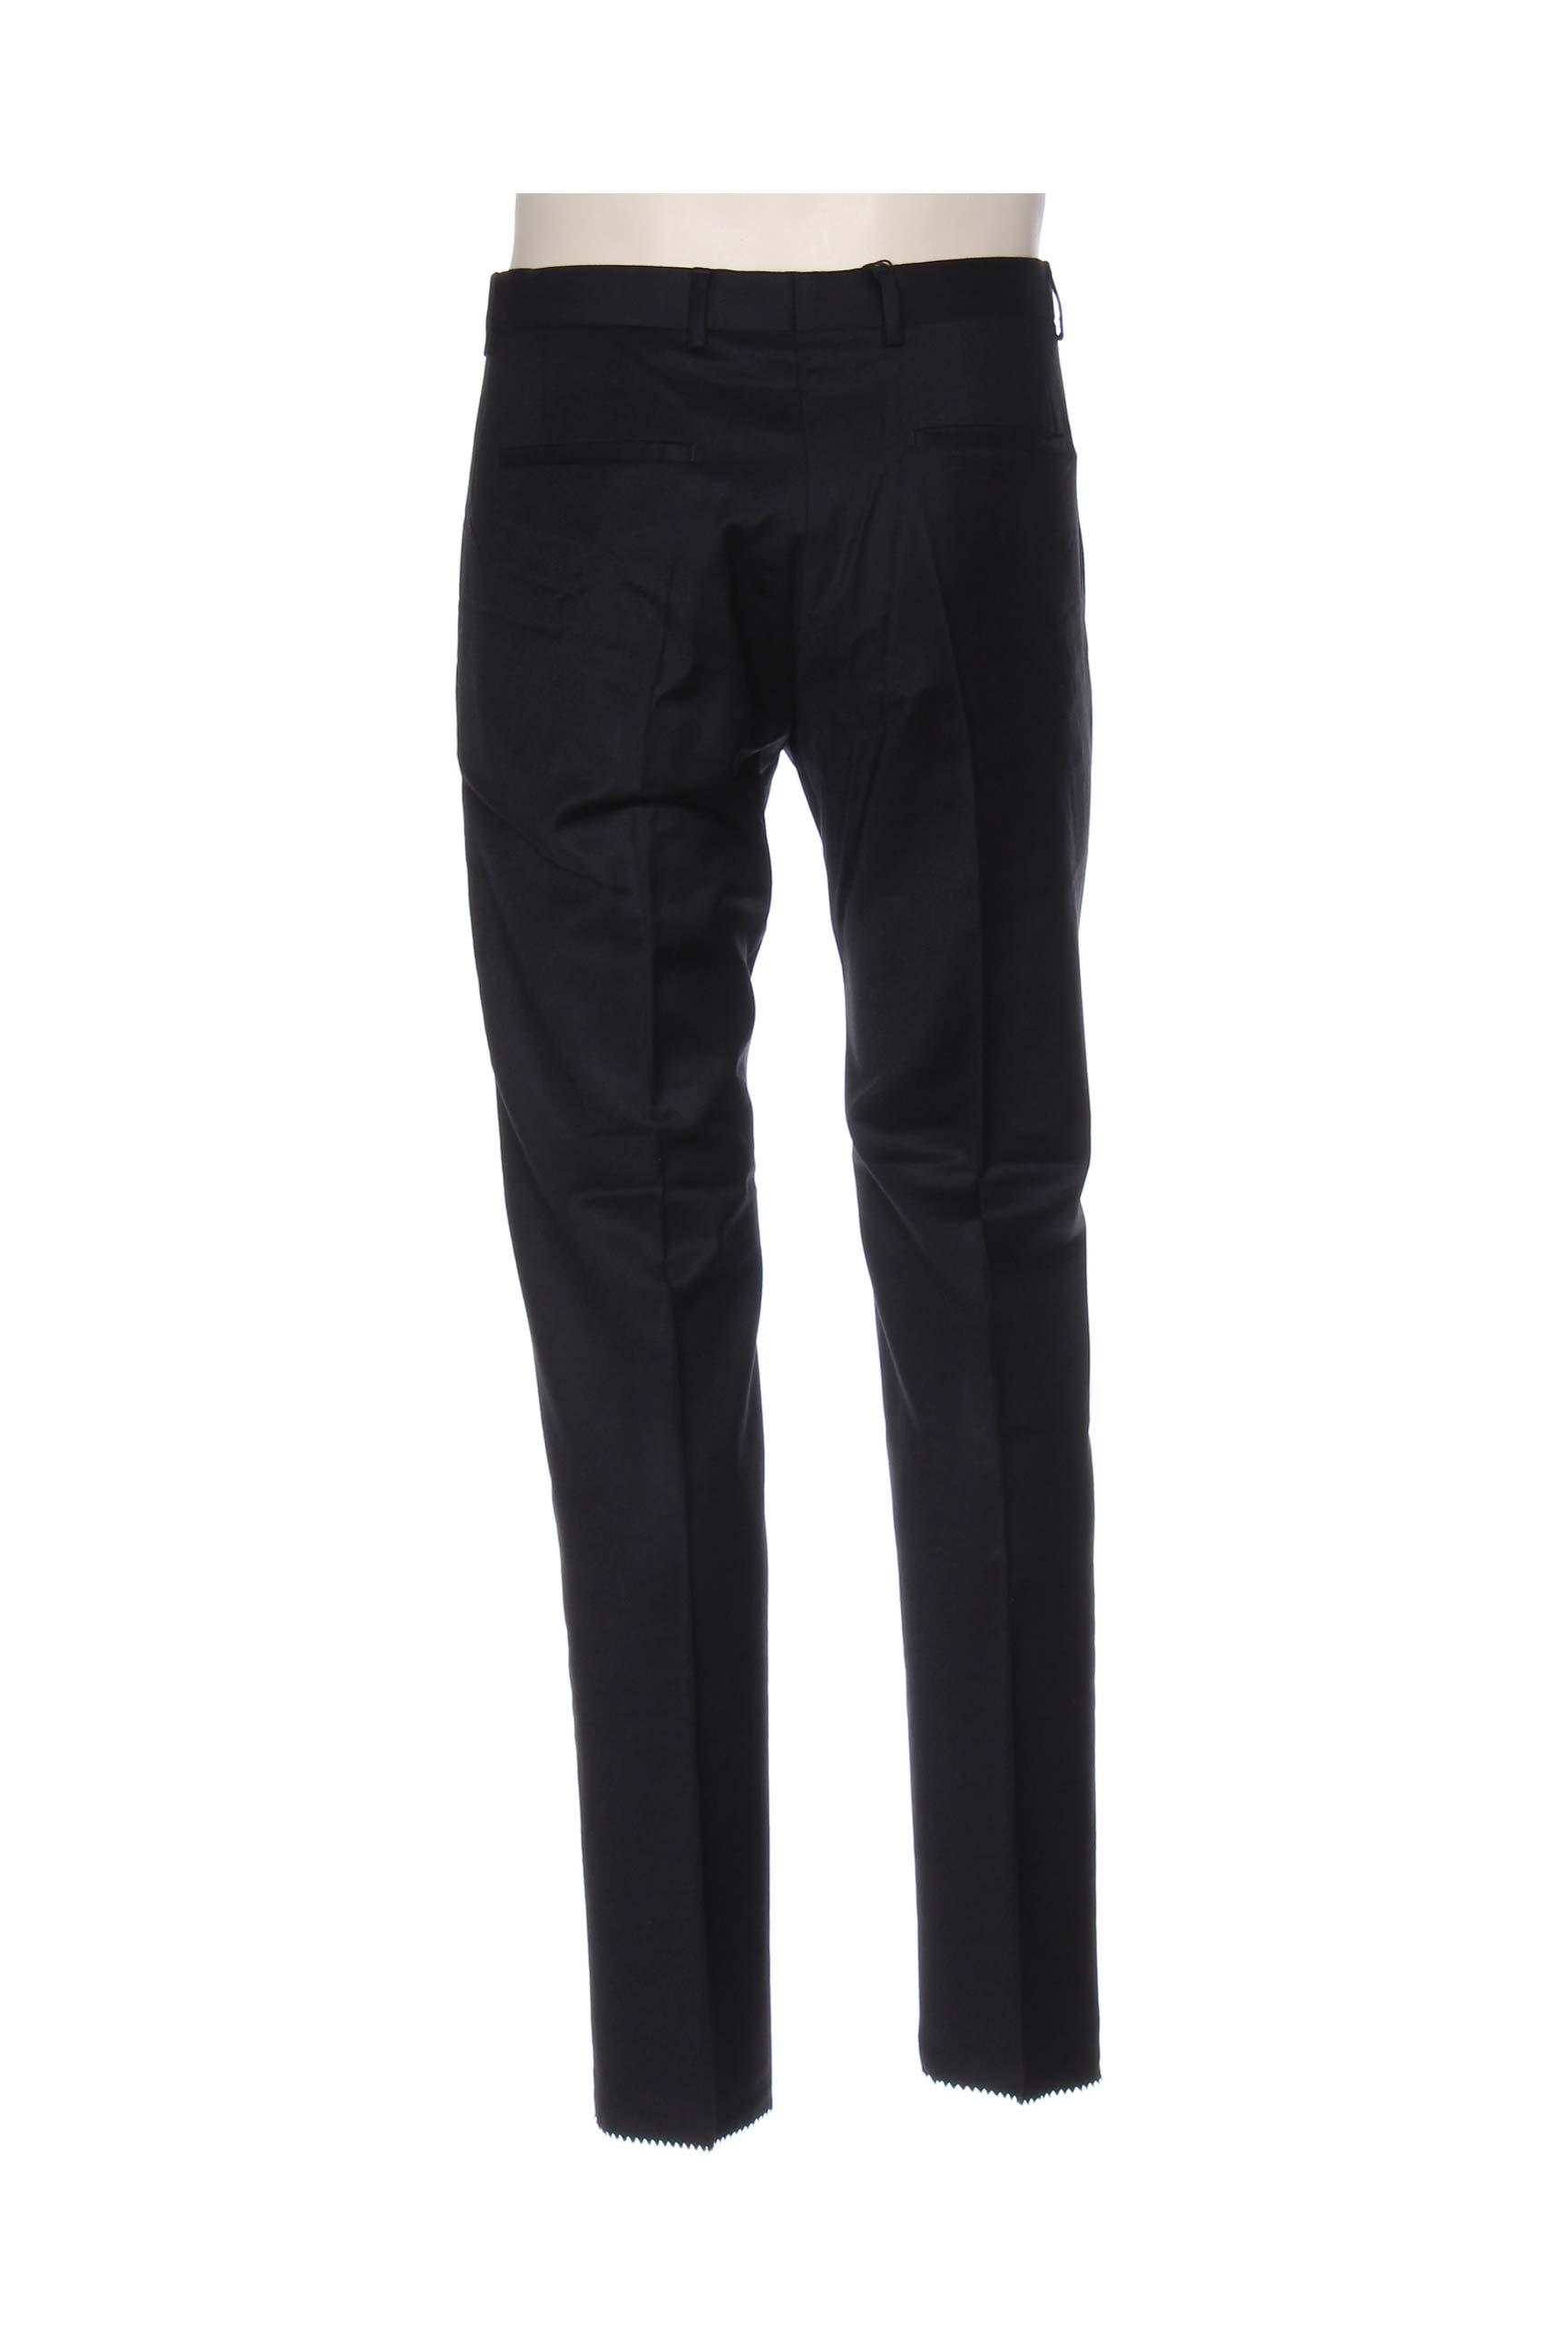 Strellson Pantalons Citadins Homme De Couleur Noir En Soldes Pas Cher 1047427-noir00